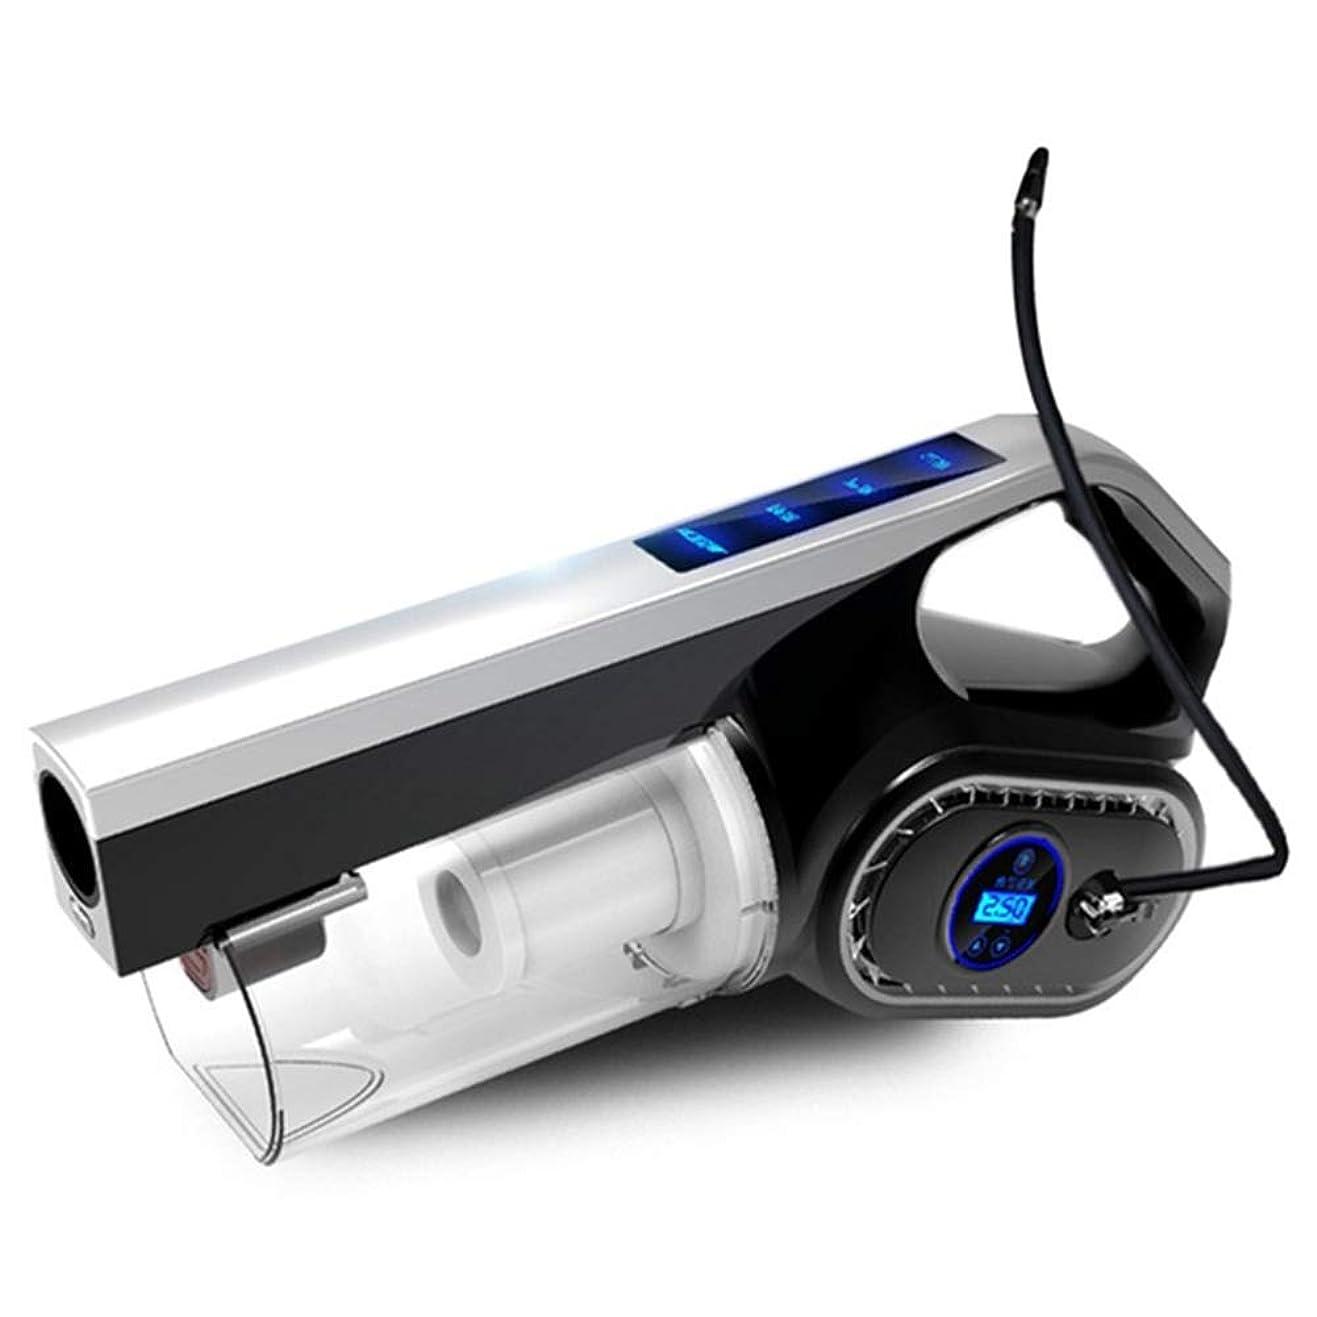 計算可能発掘するジェスチャー多機能ポータブルカー掃除機DC12V 120W液晶デジタル表示オートインフレータブルポンプ空気圧縮機家庭用クリーナー